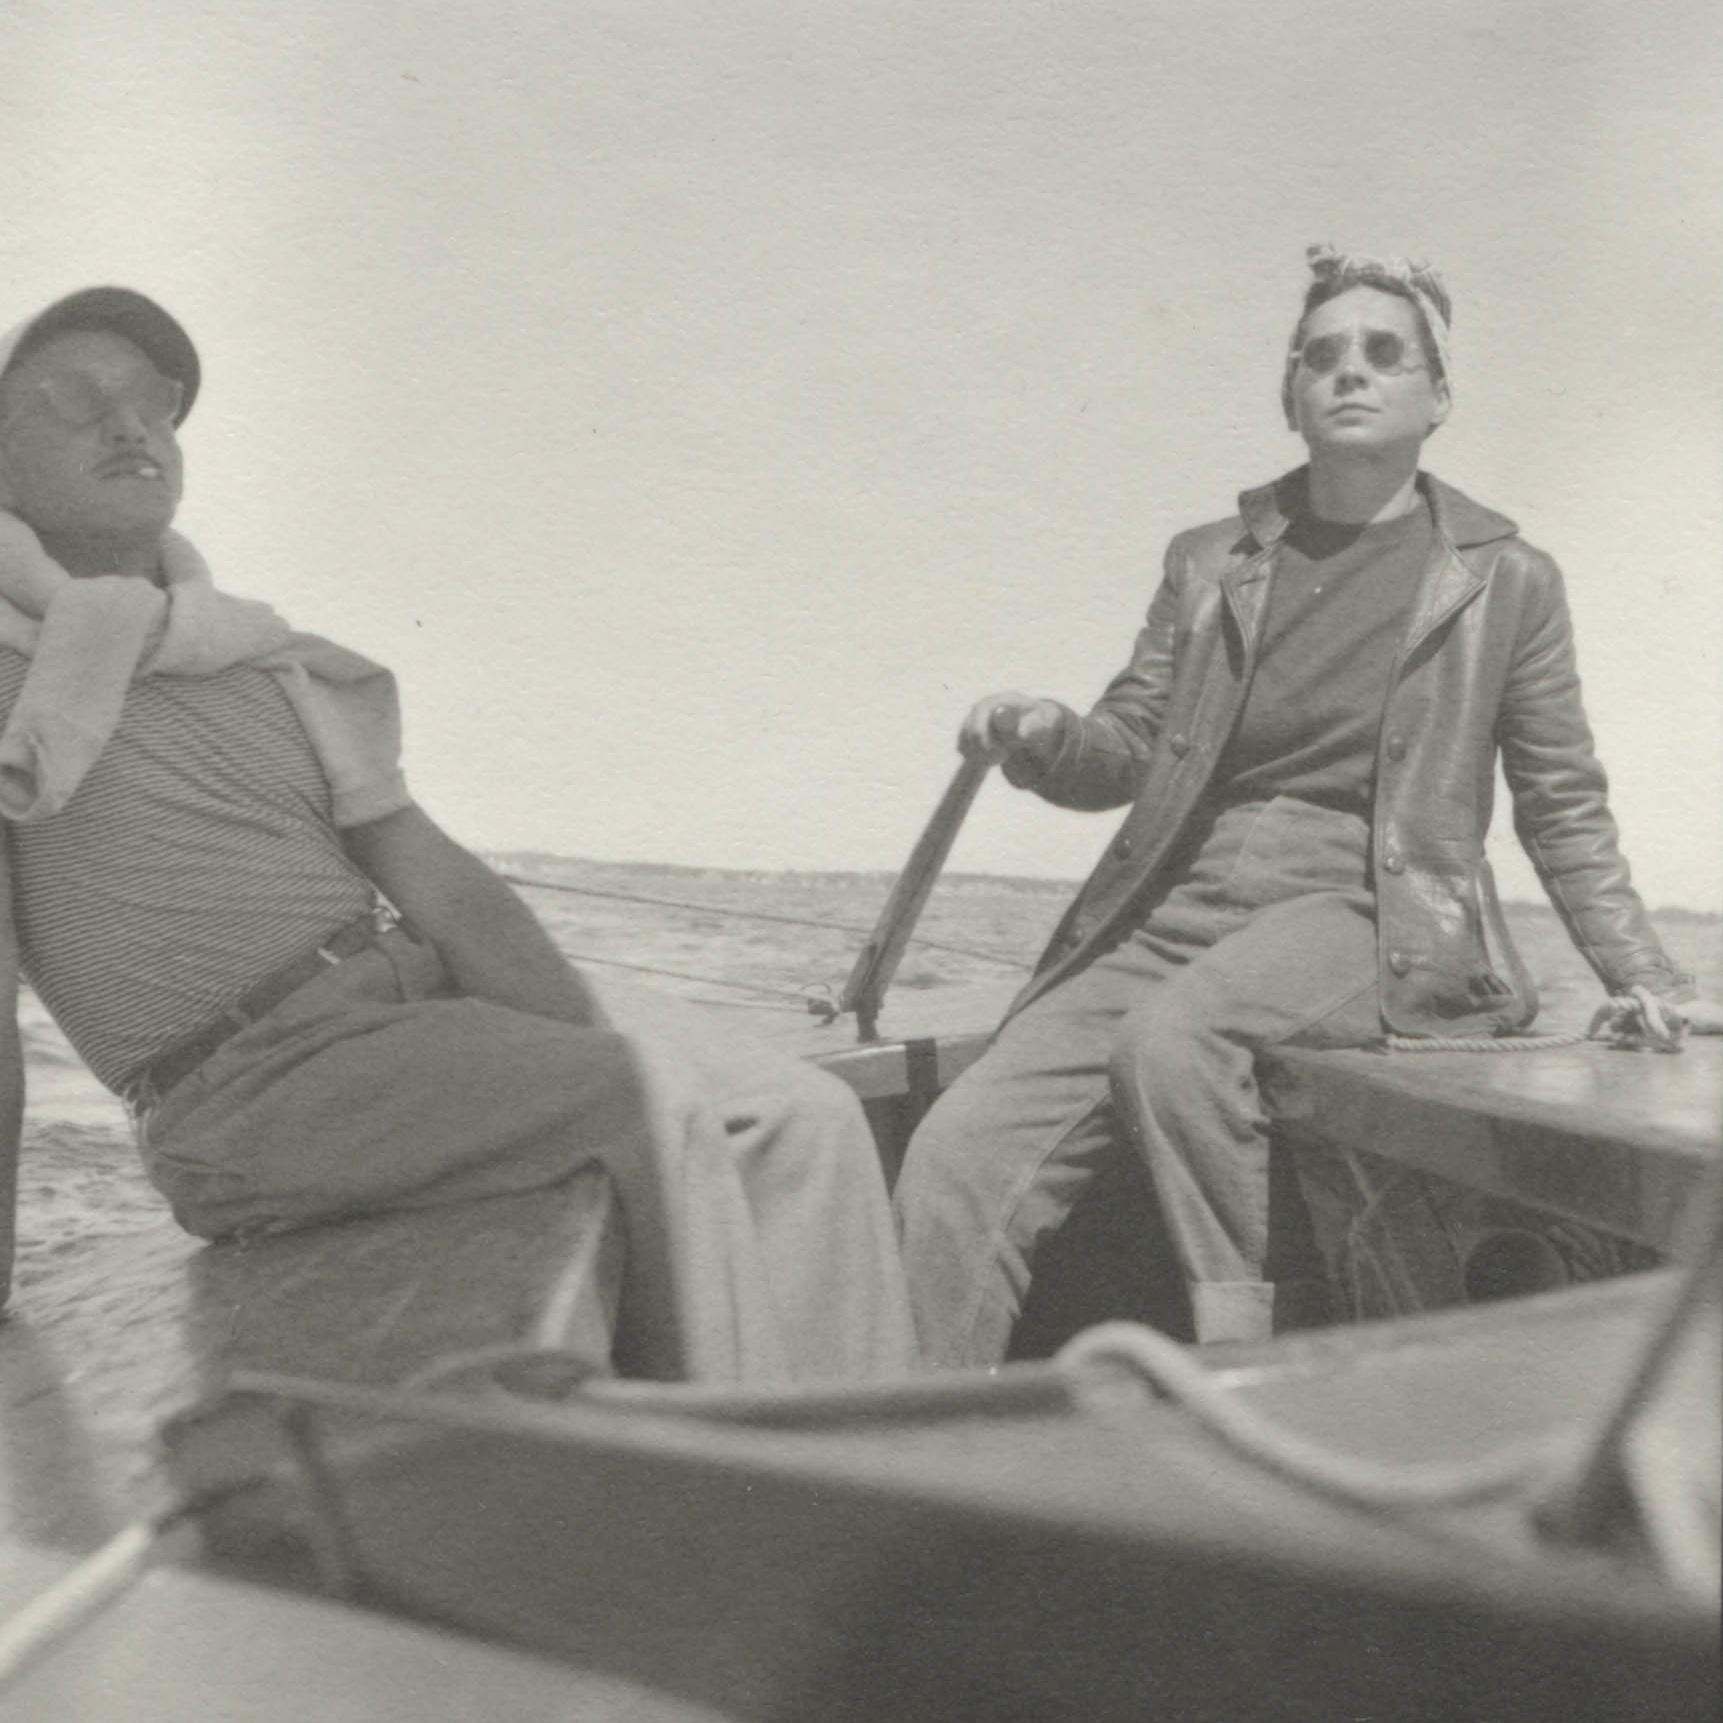 1934_AdolphGottlieb_CapeAnn_08.jpg